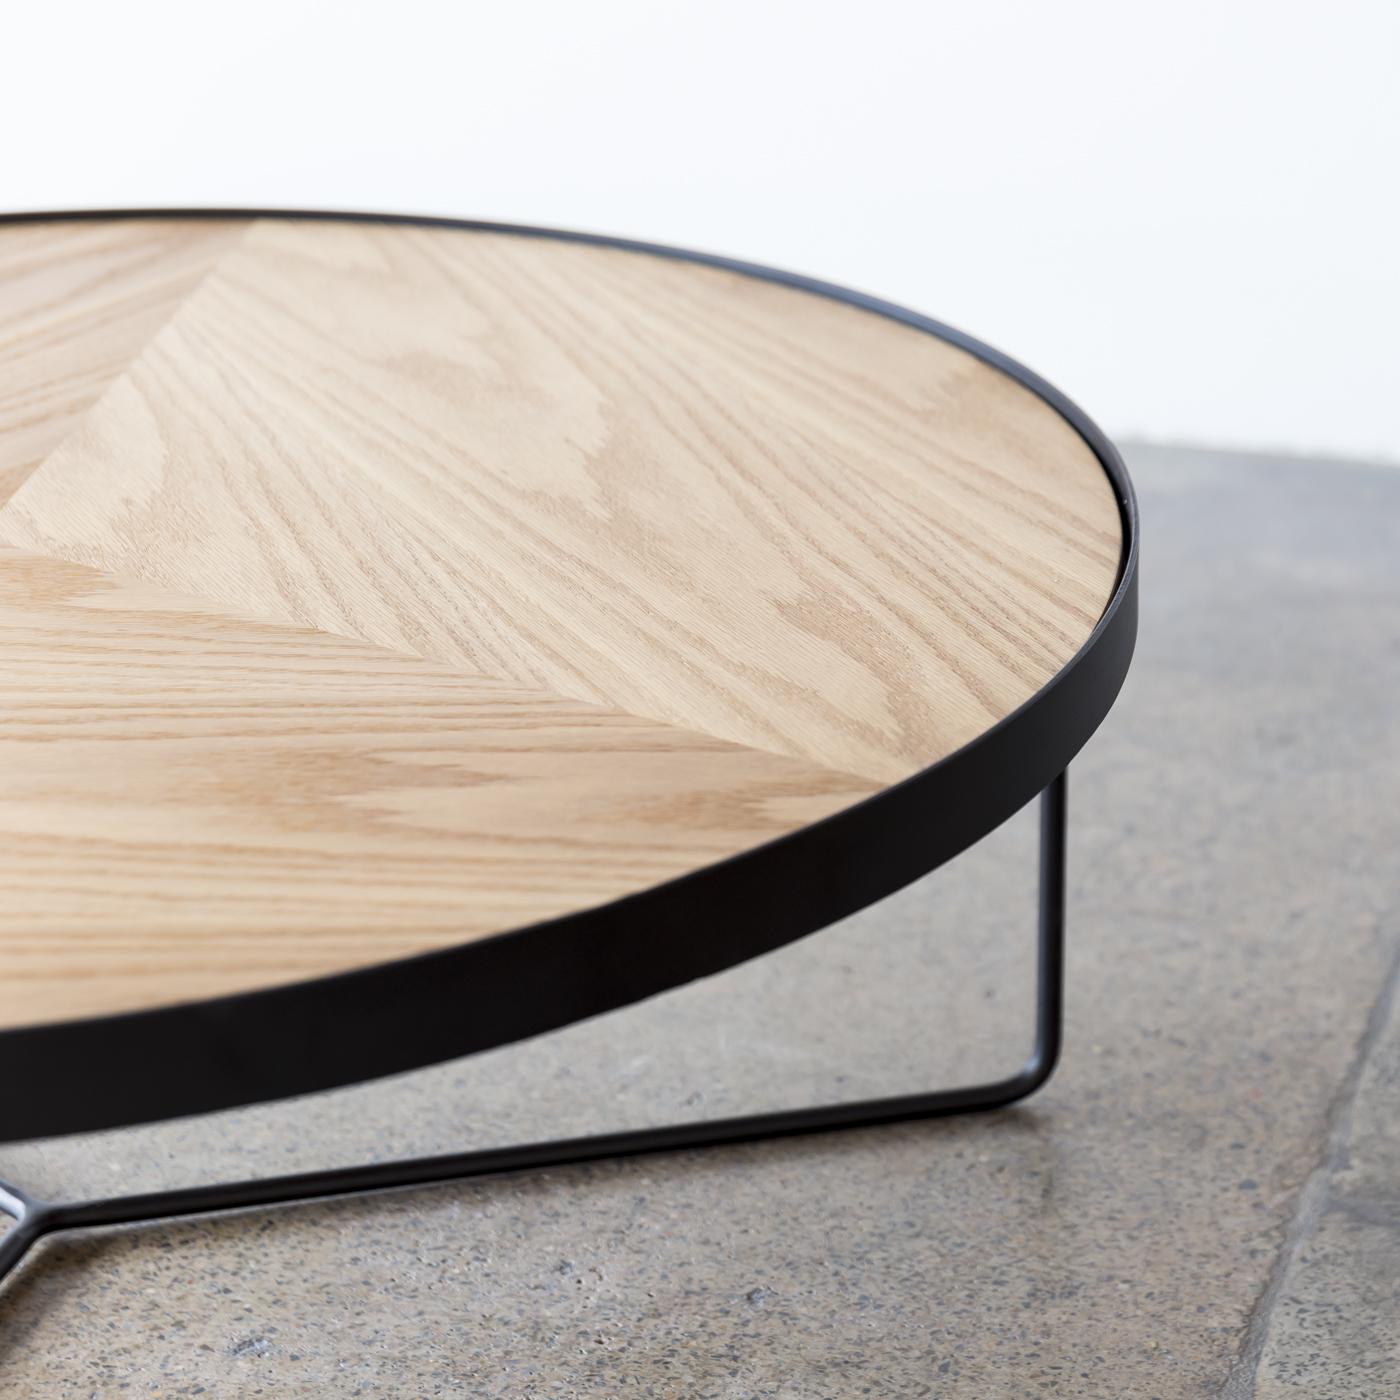 Sia_Coffee_Table_Oak_Design_Kiosk_Project82.jpg